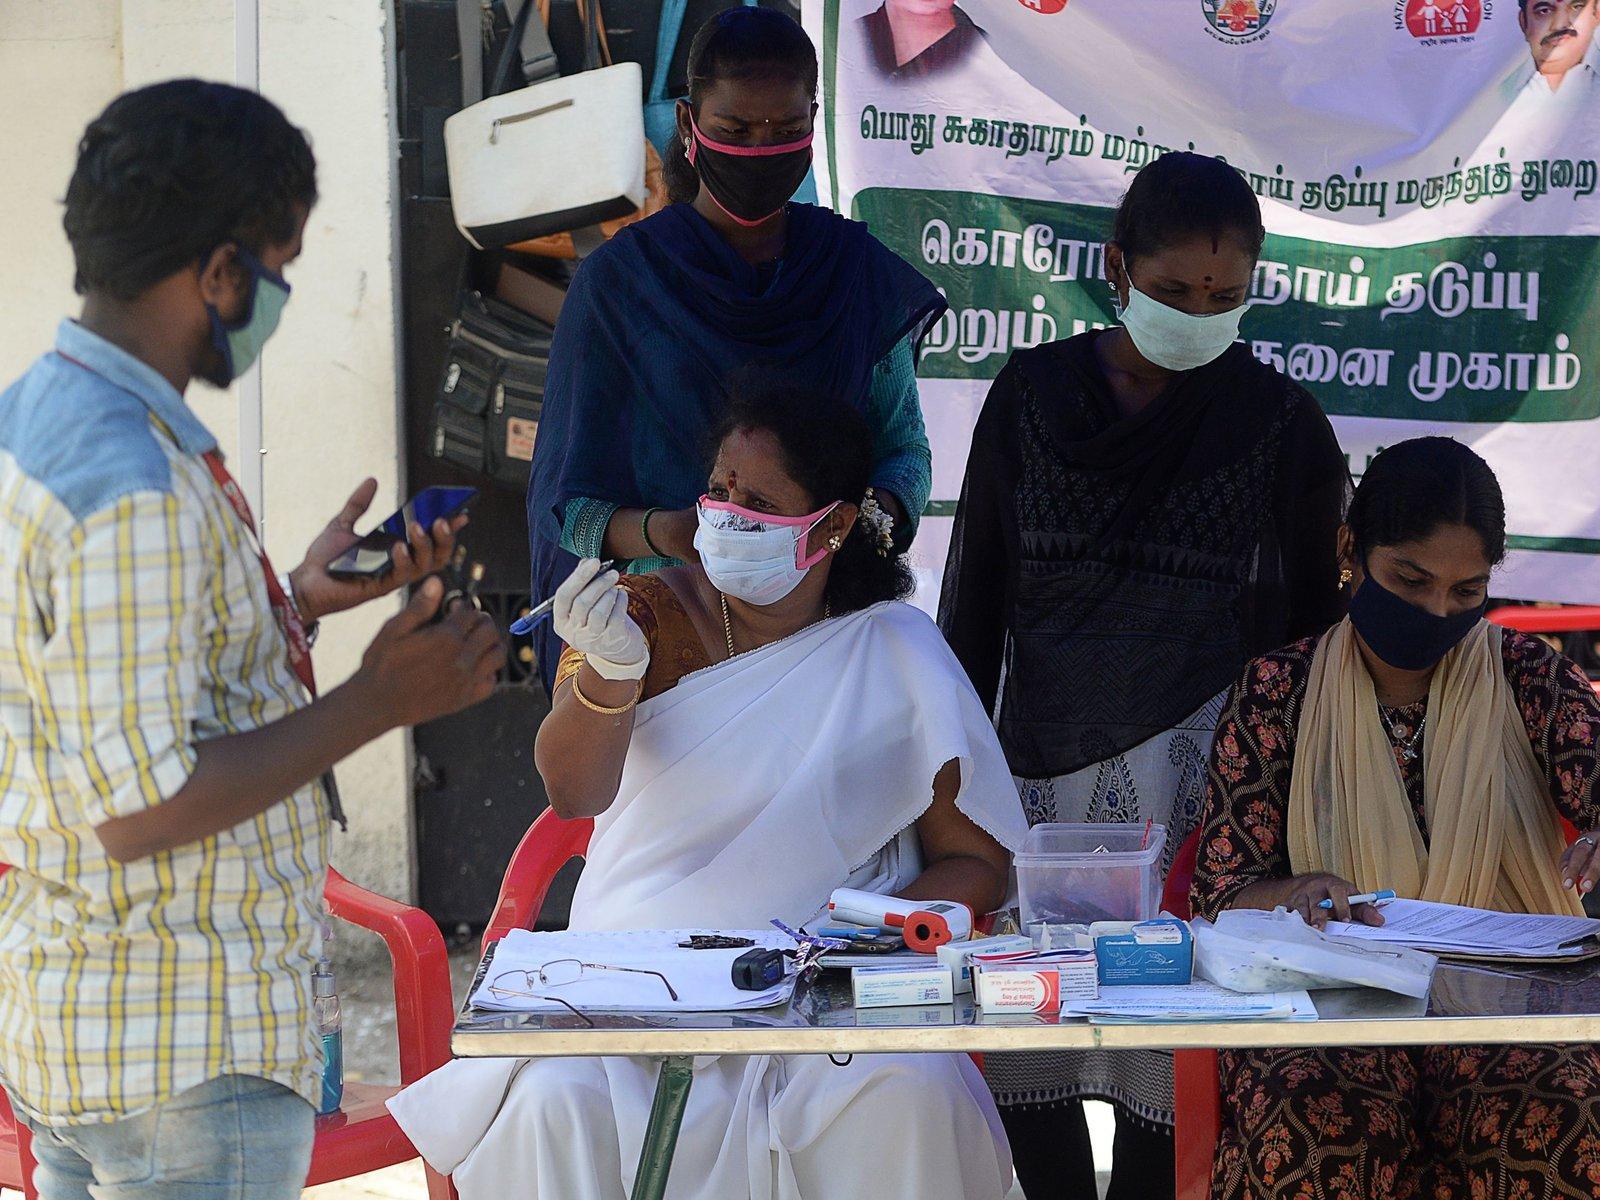 印度媒体报道称疫情已完全失控(图源:Getty)